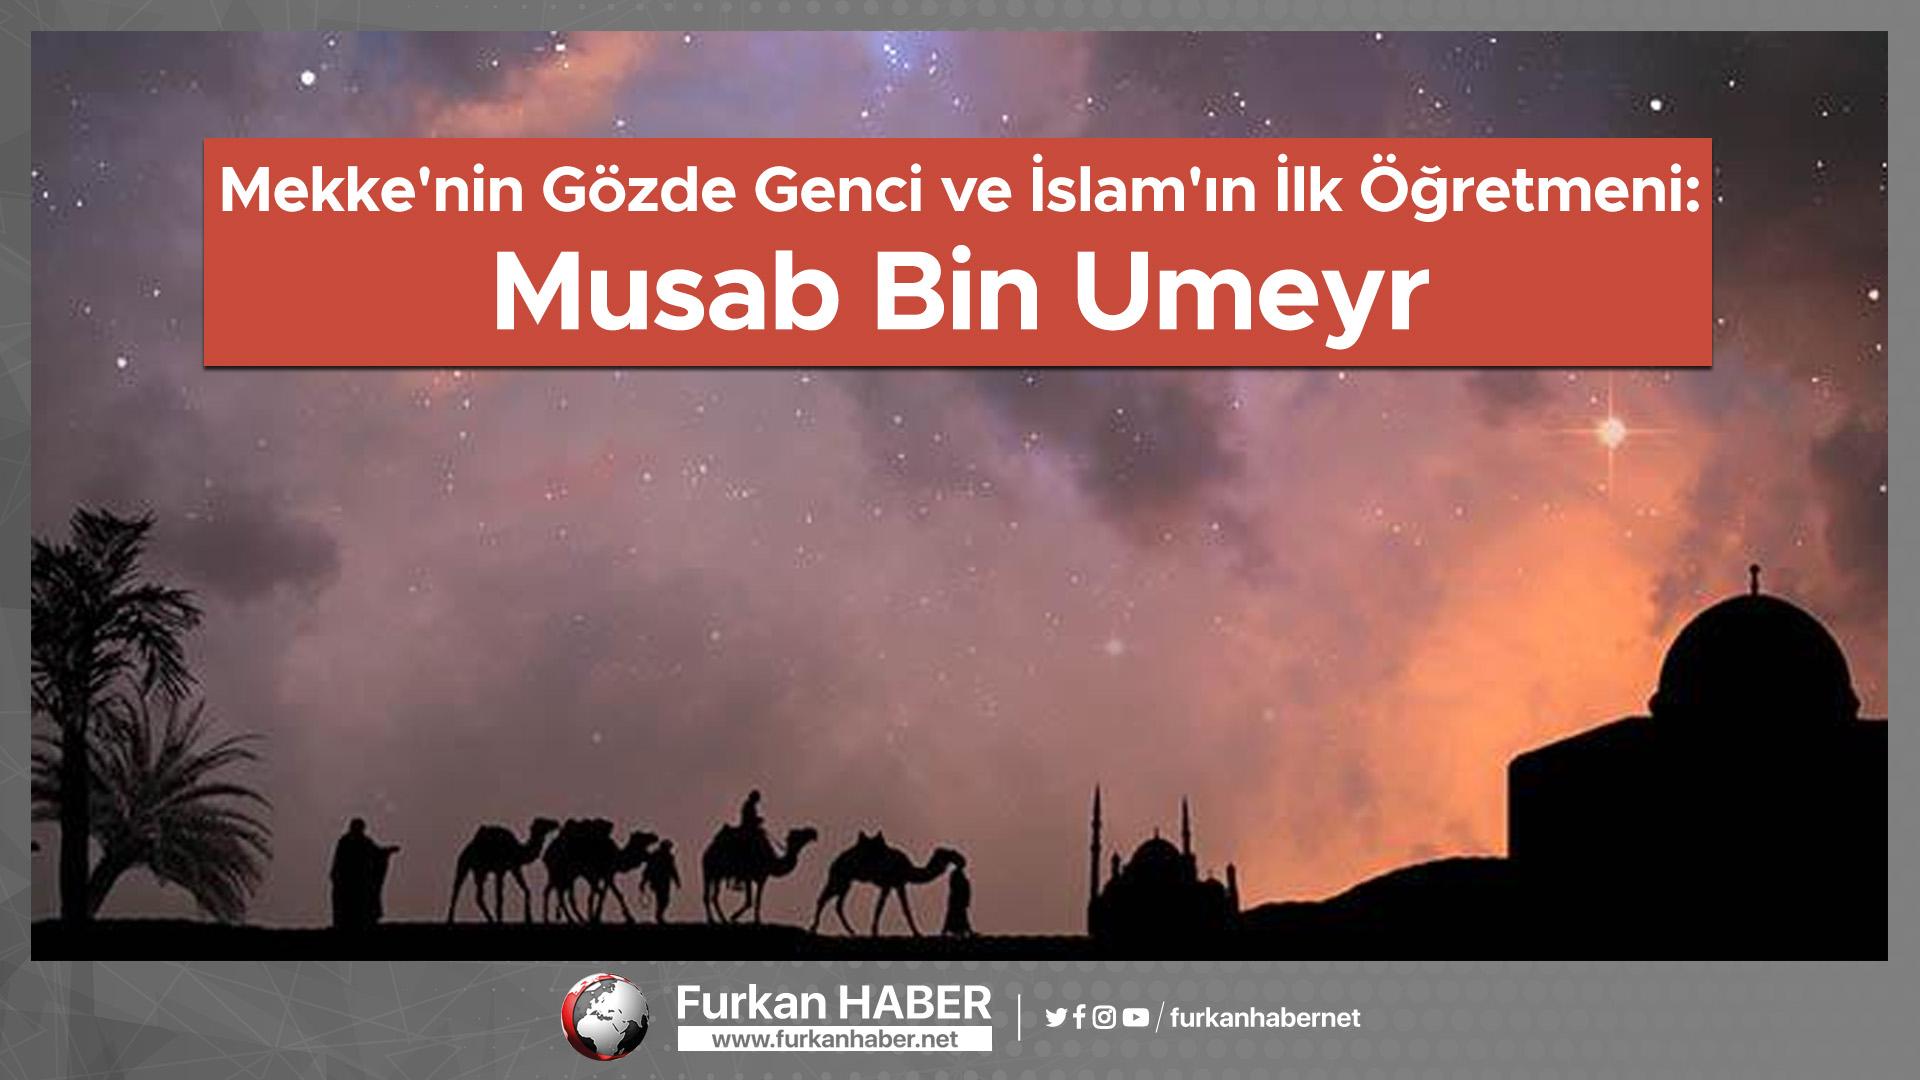 Mekke'nin Gözde Genci ve İslam'ın İlk Öğretmeni: Musab Bin Umeyr